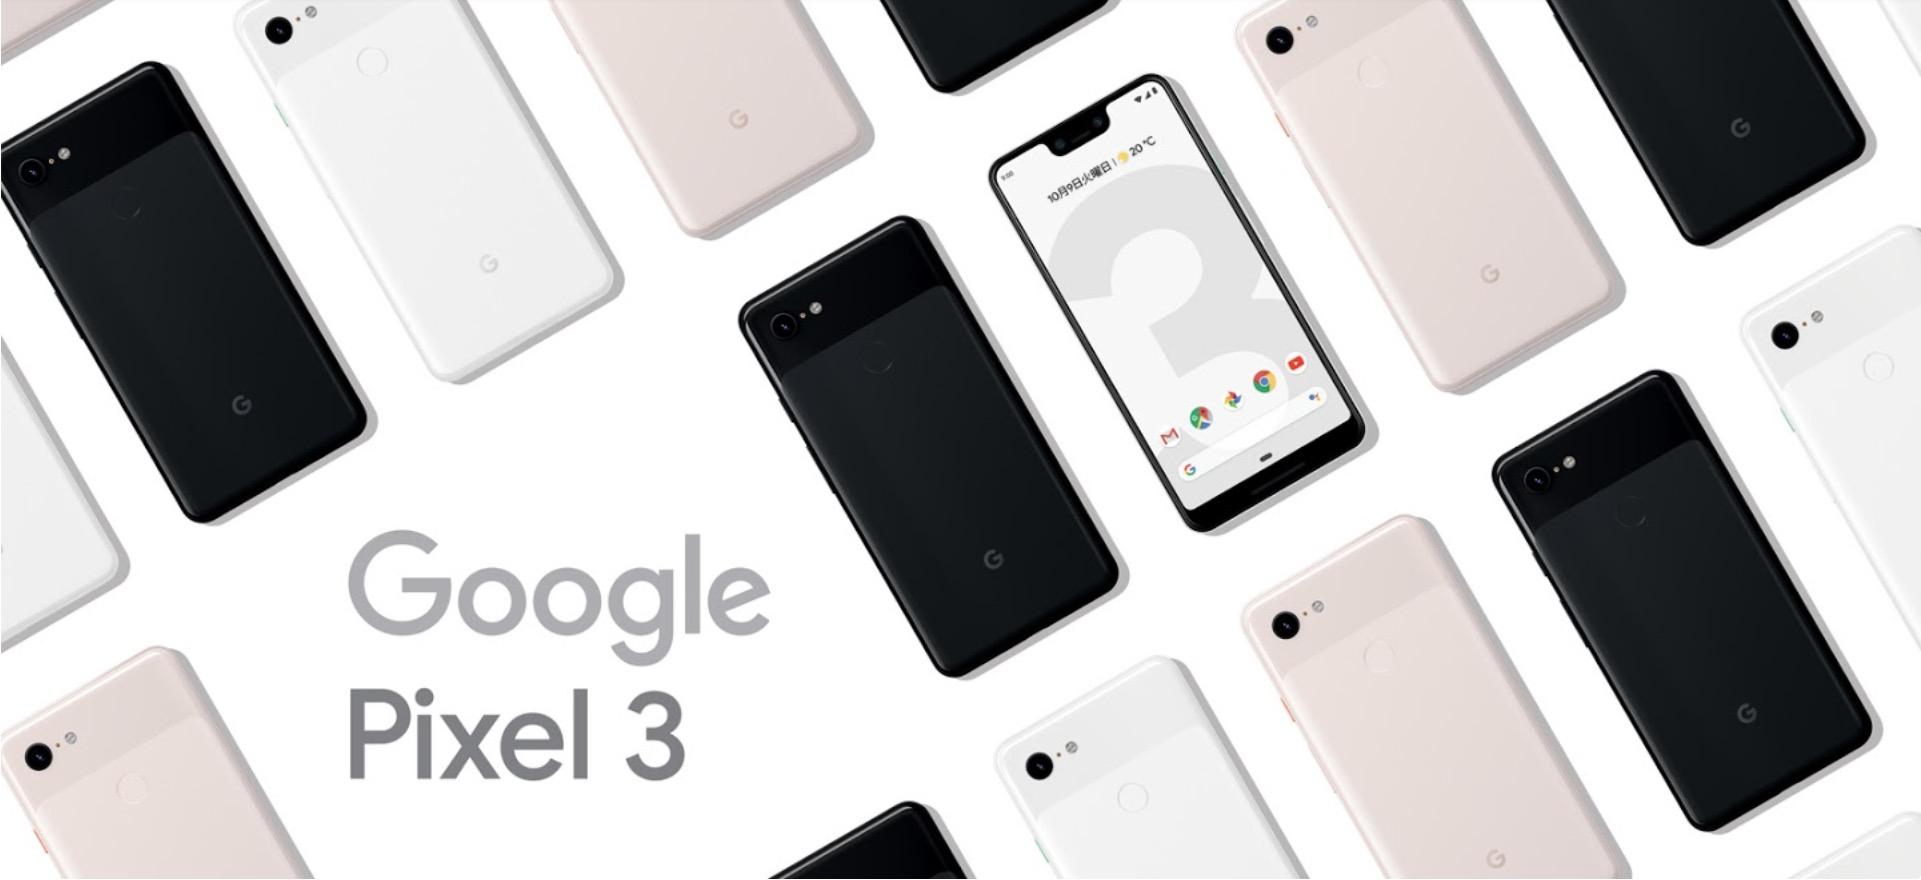 ソフトバンク、Pixel 3/Pixel 3 XLの価格を発表。98,400円〜に